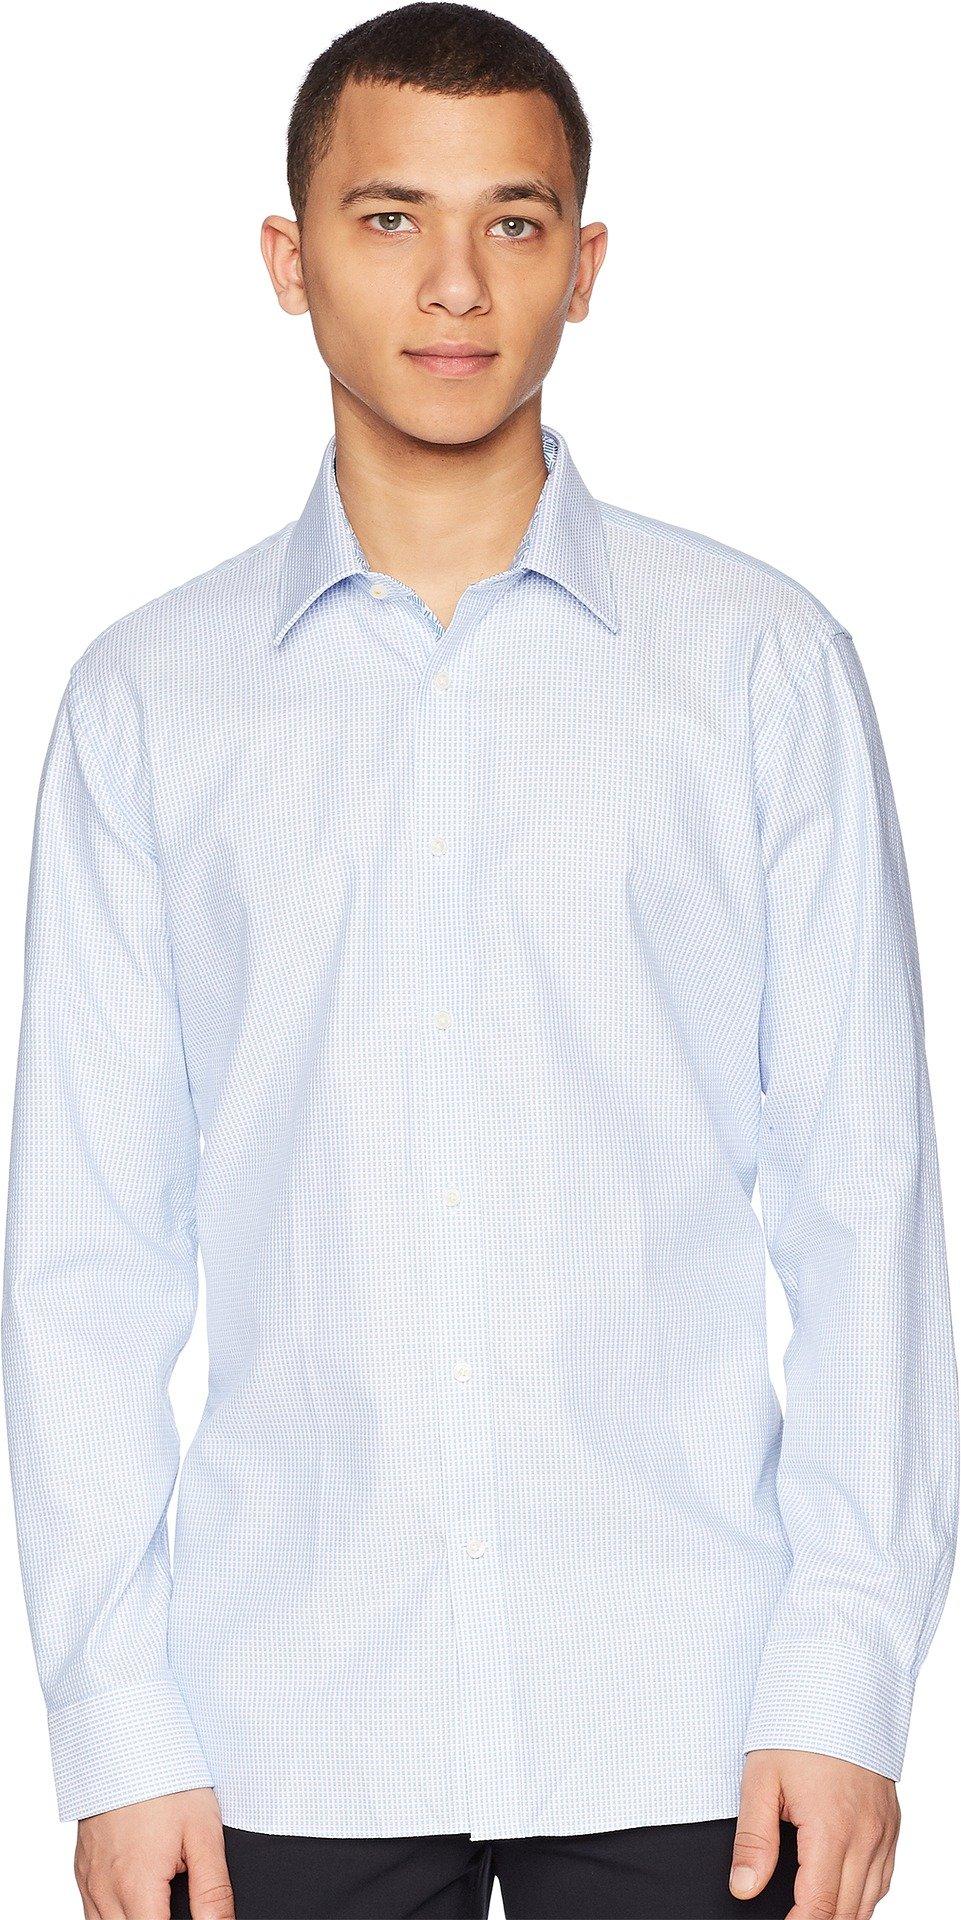 Ted Baker Men's Hooch Endurance Dress Shirt Blue 16-32/33